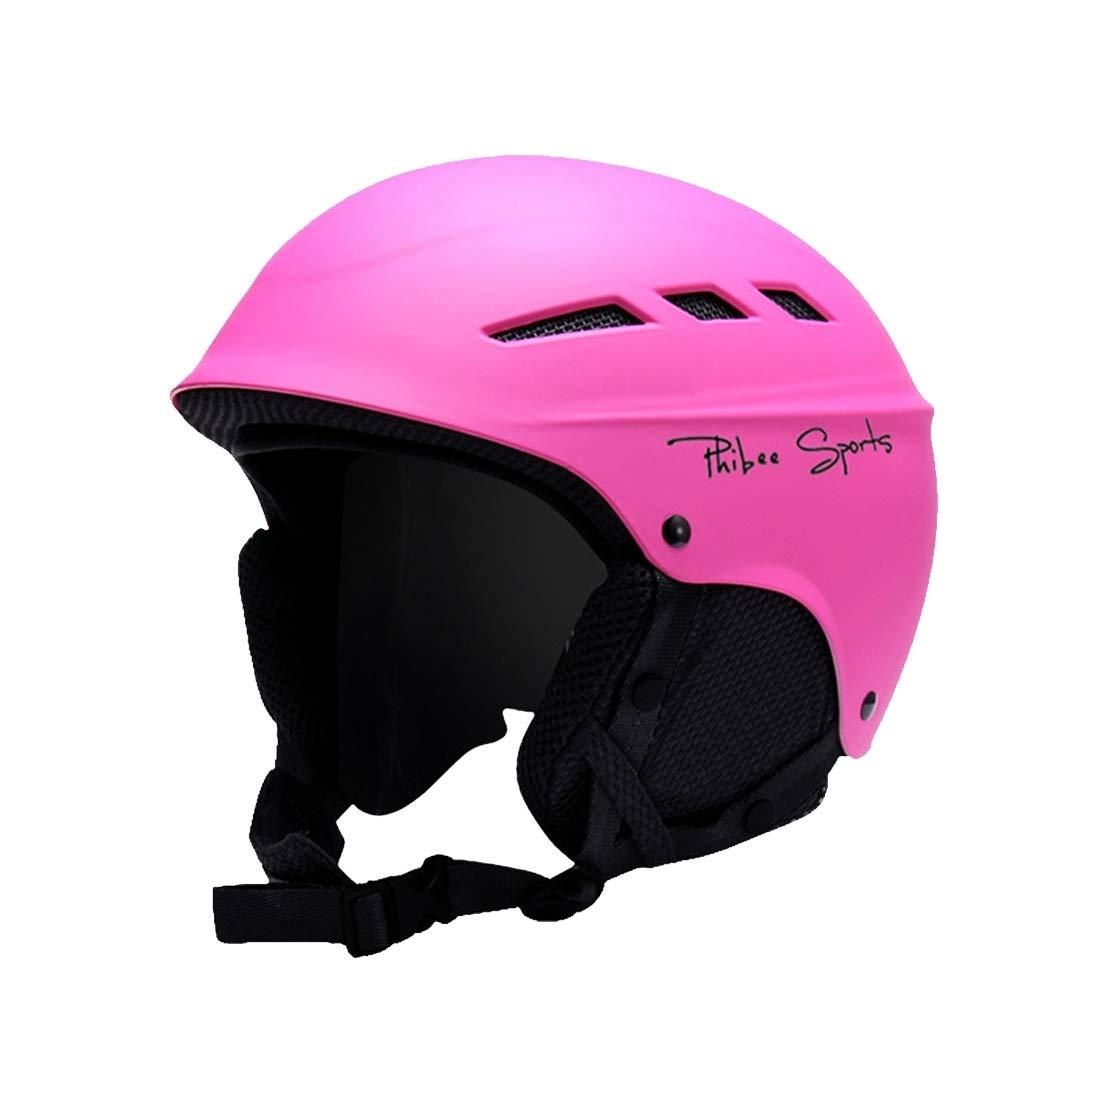 DSLSM 56-60cmにフィット、サイズ:M、未婚およびフォークプレートスキー用プロフェッショナル保護用ヘルメット8通気孔PCシェル調節可能バックル親子保護用ヘルメット   B07PVW1H4V